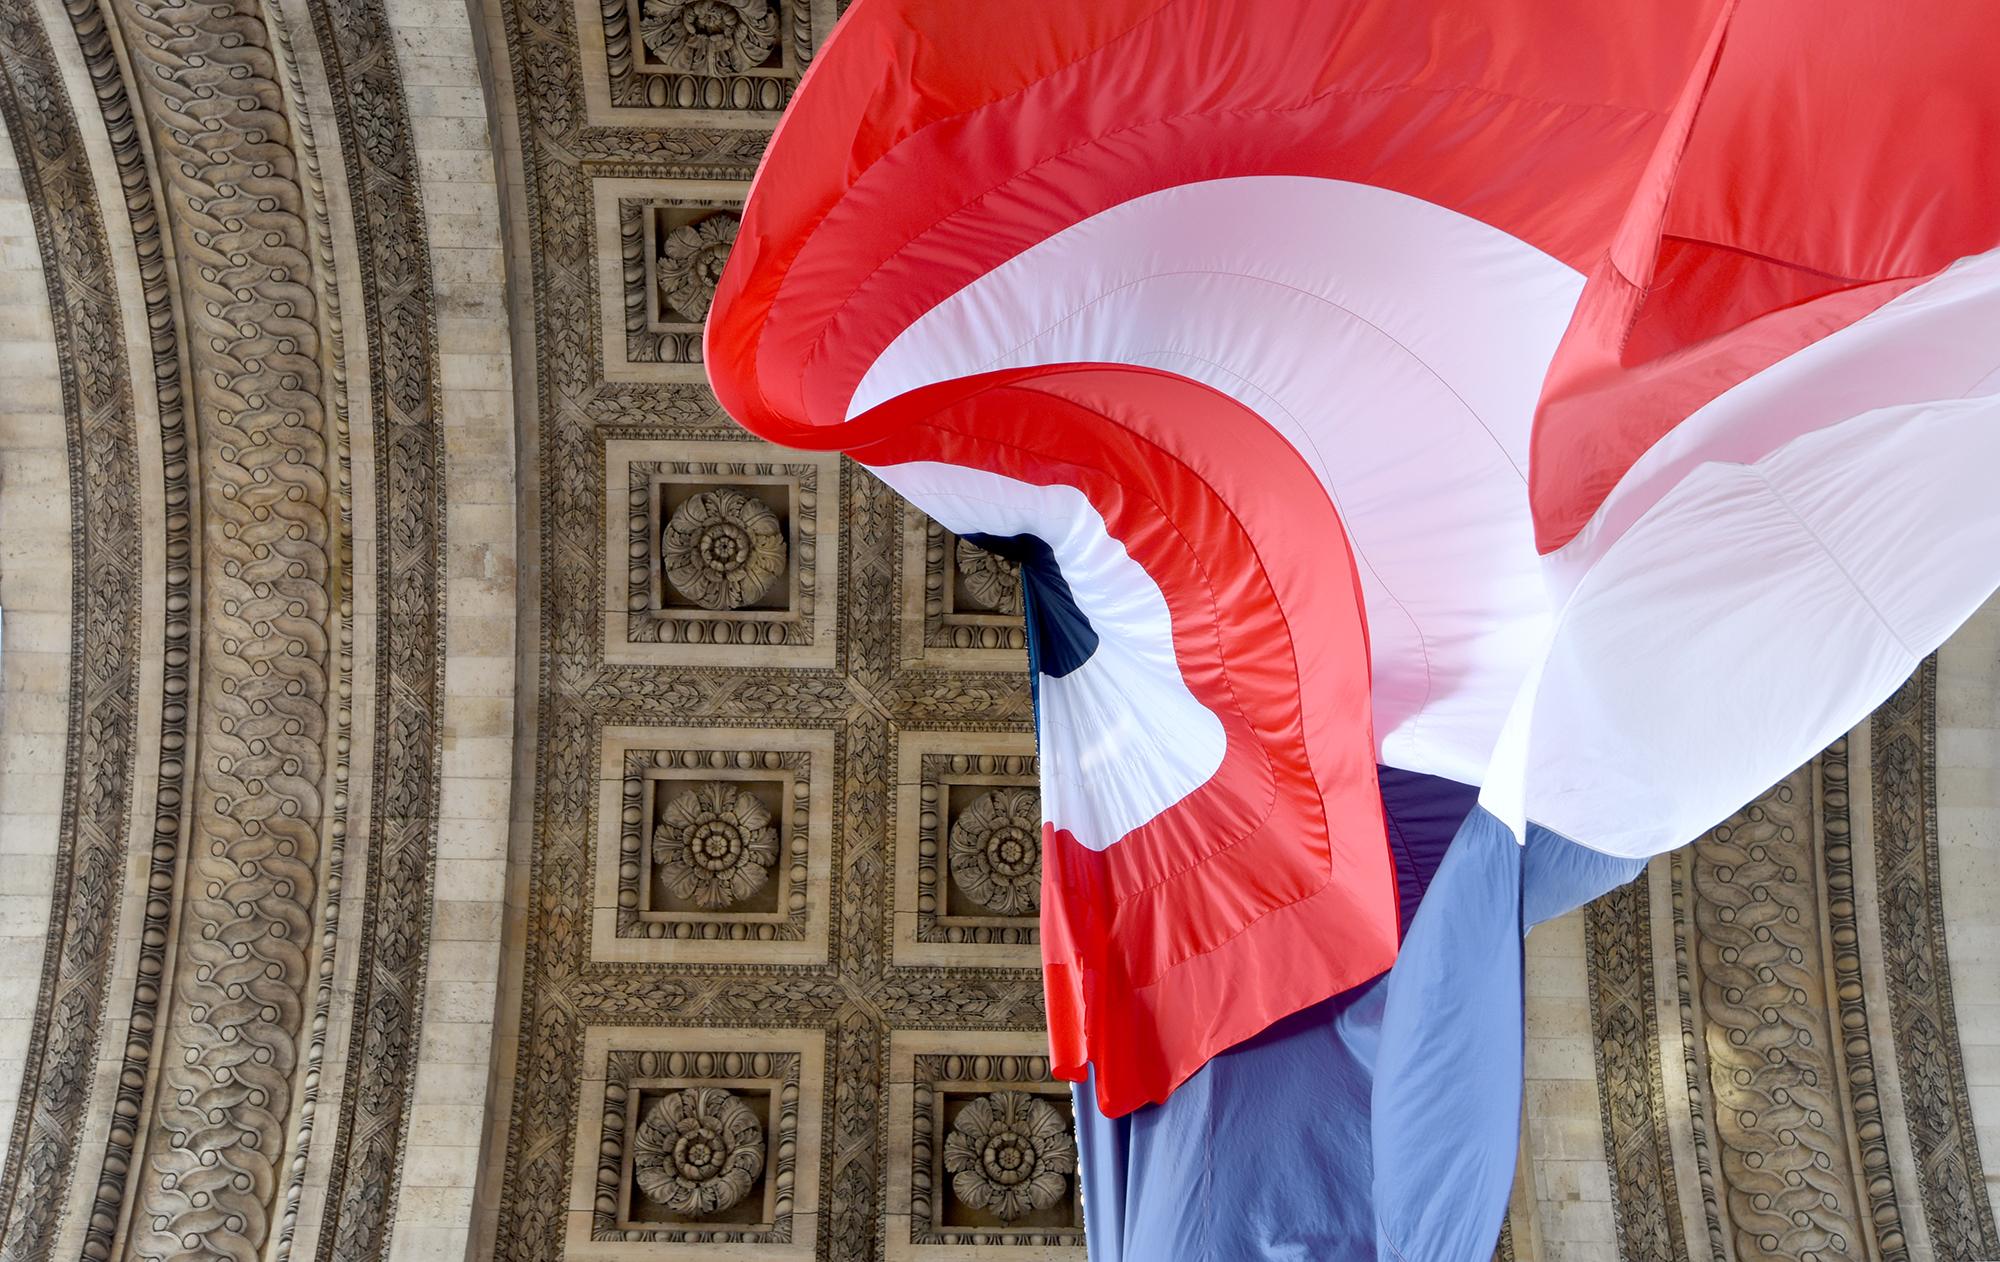 © IHEDN © Clôture de la 72e session nationale « Politique de défense » et de la 56e session nationale « Armement et économie de défense »